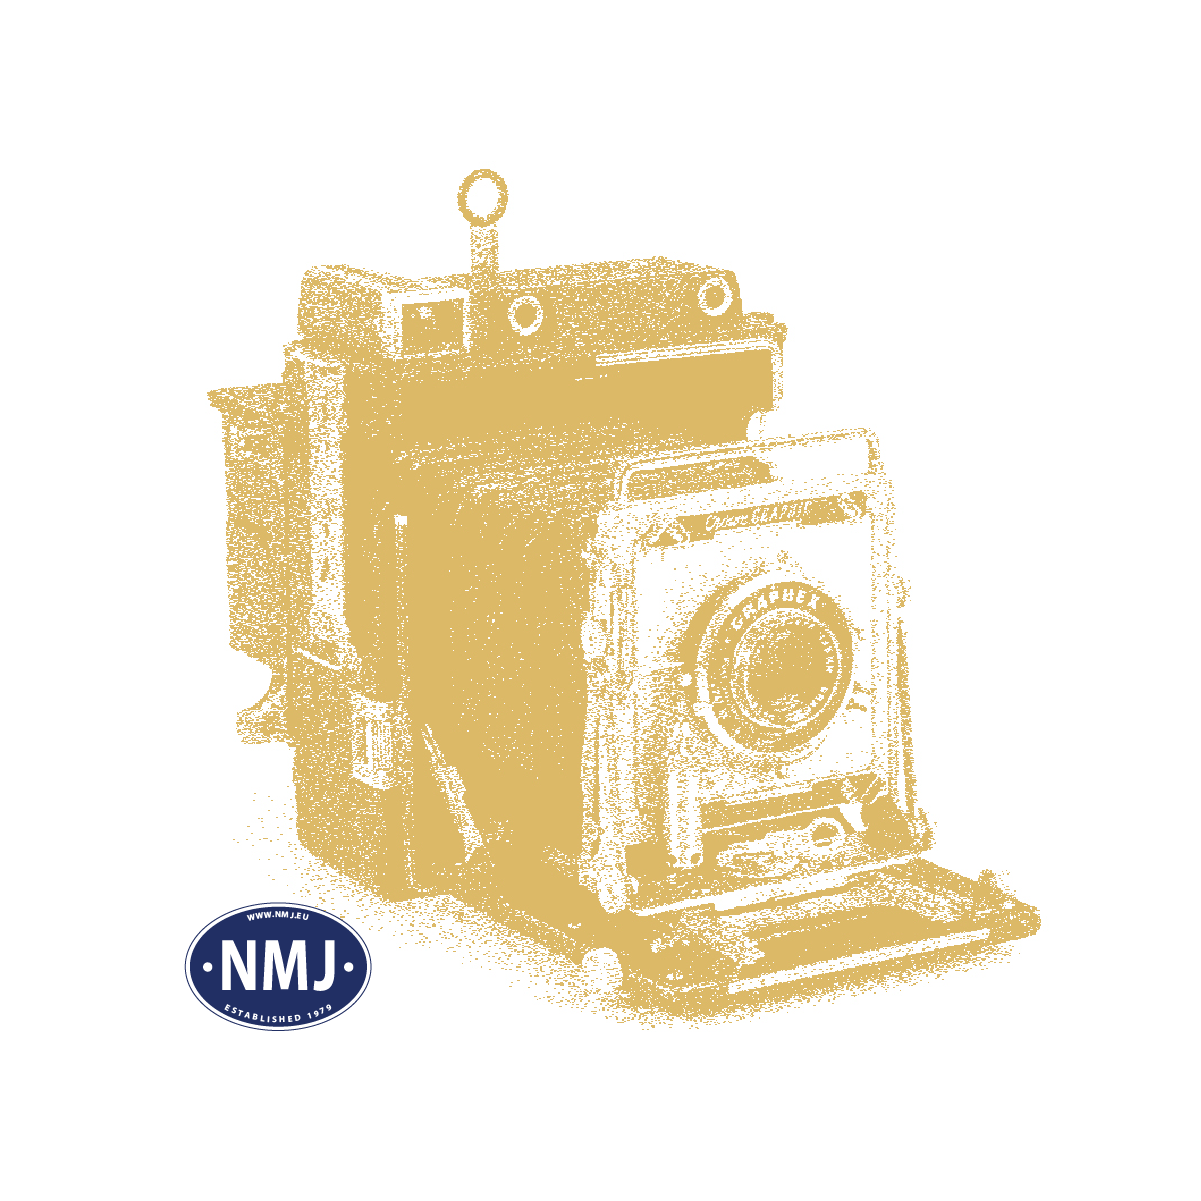 DK-8750063 - CFL Mx 1023, AC m/ Lyd